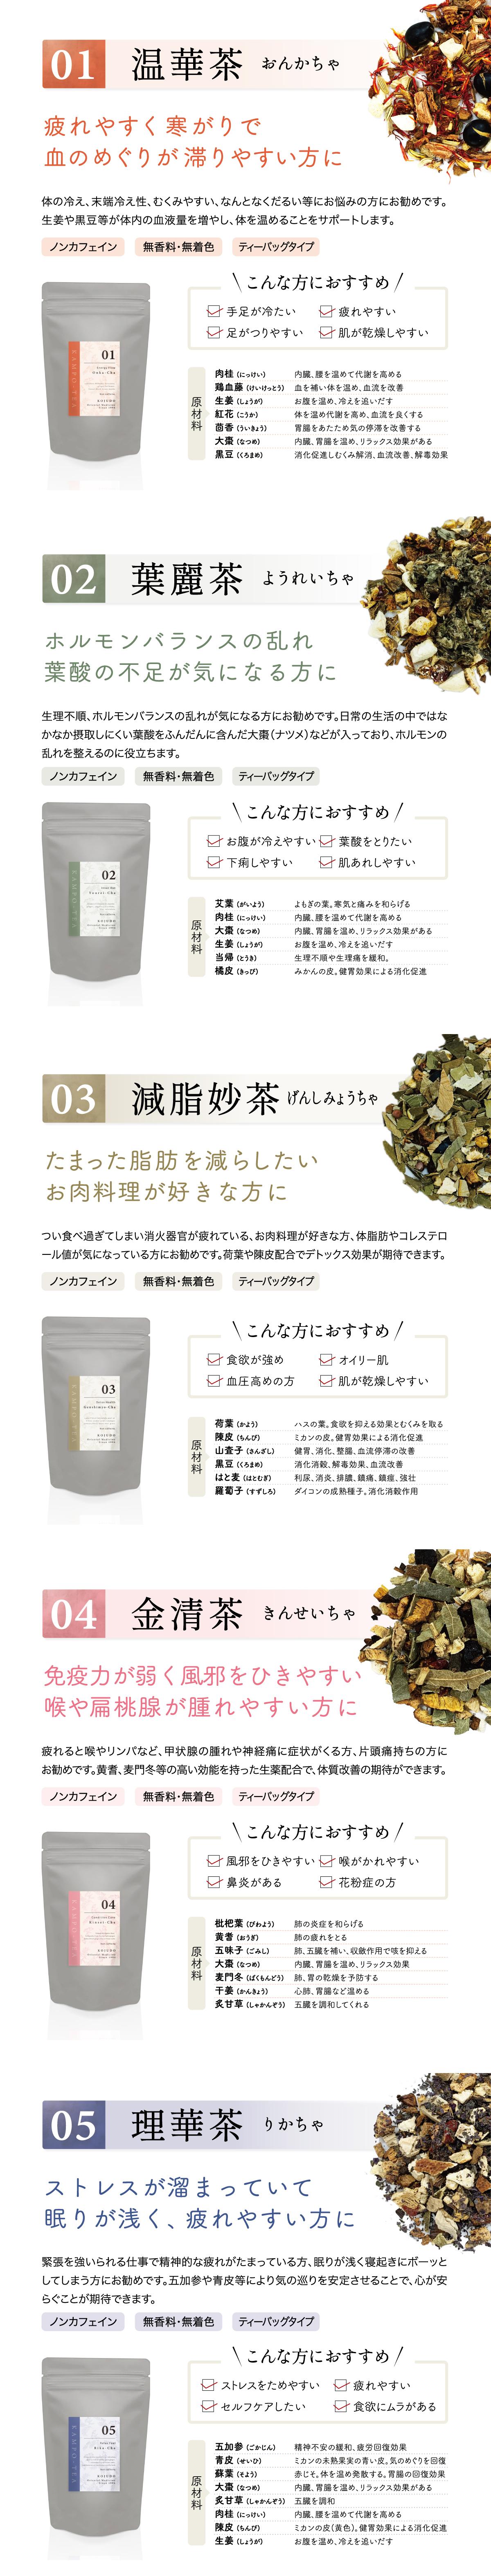 漢方茶lp2